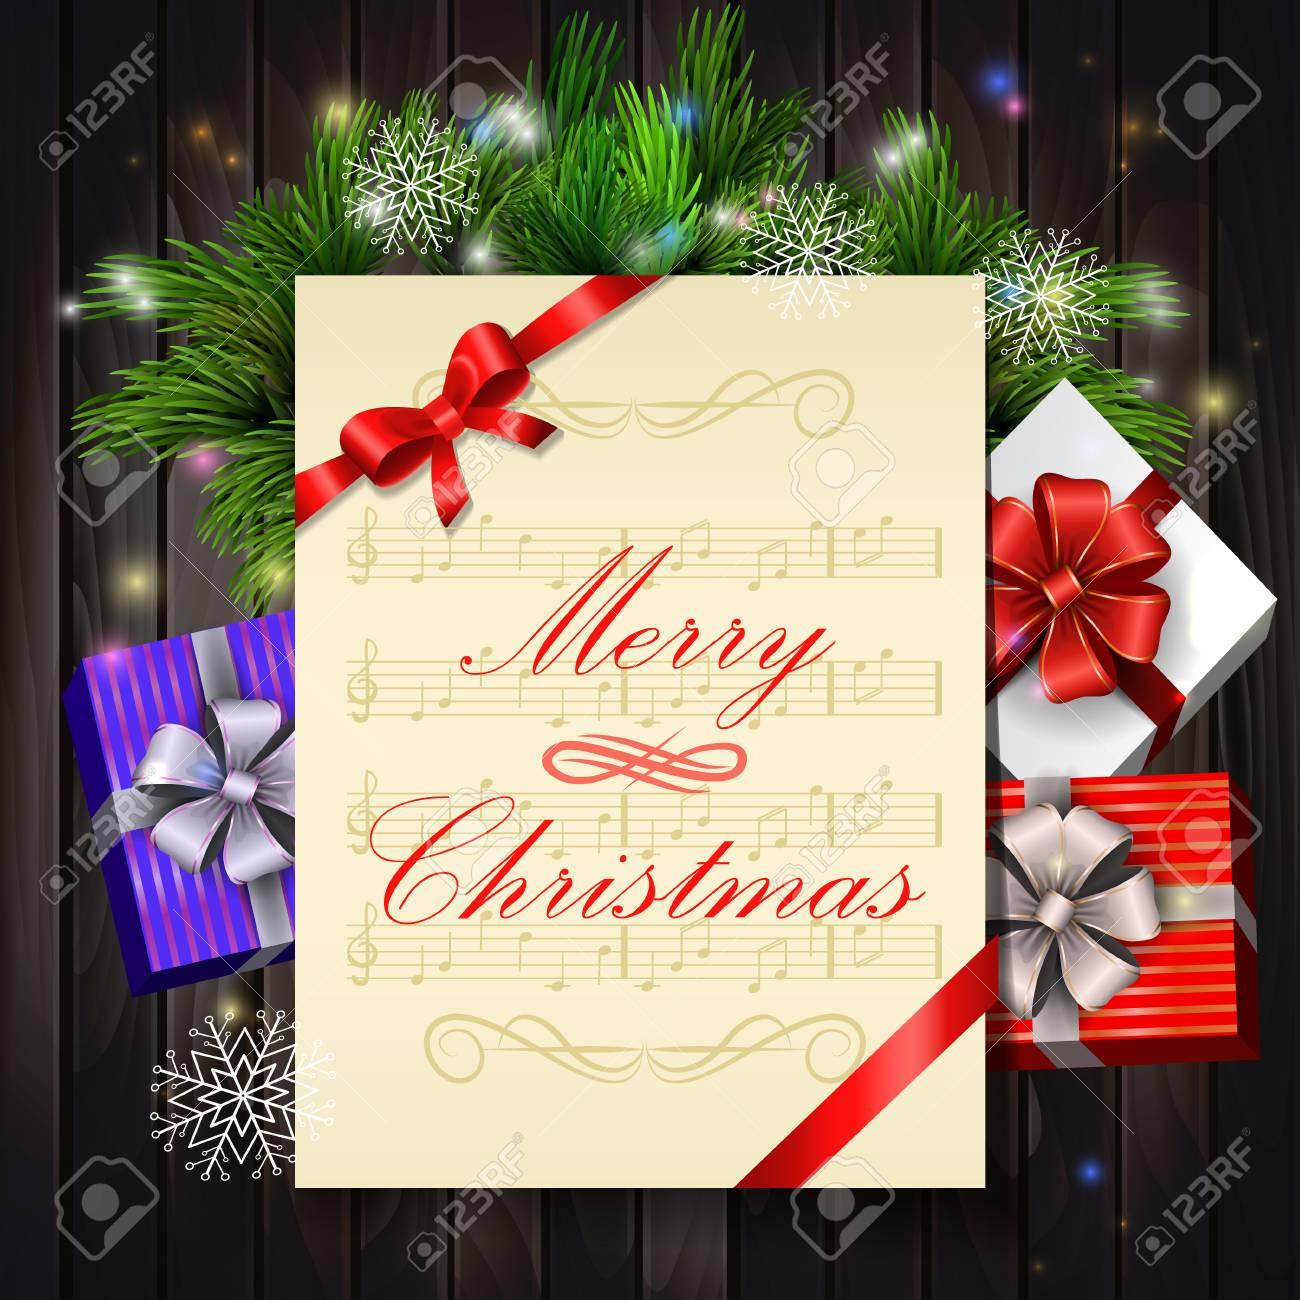 Elektronische Weihnachtskarten Mit Musik.Stock Photo